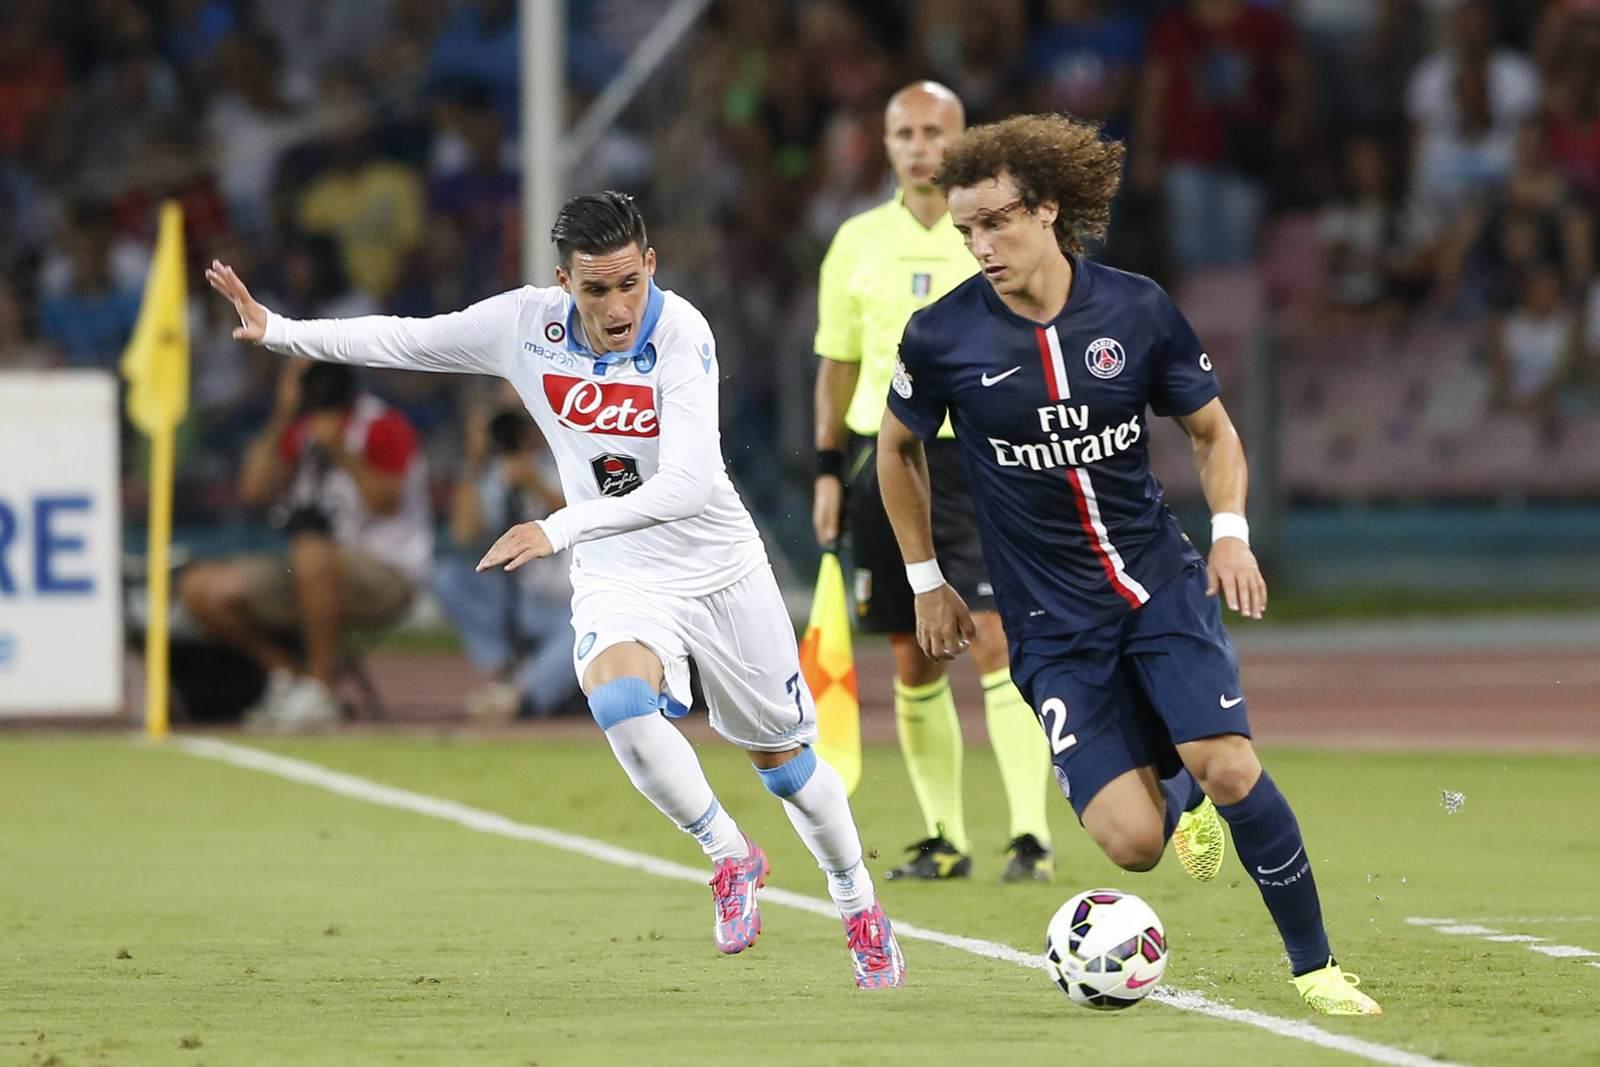 Jose Maria Callejon gegen David Luiz. Jetzt auf die Partie PSG vs SSC Neapel wetten.